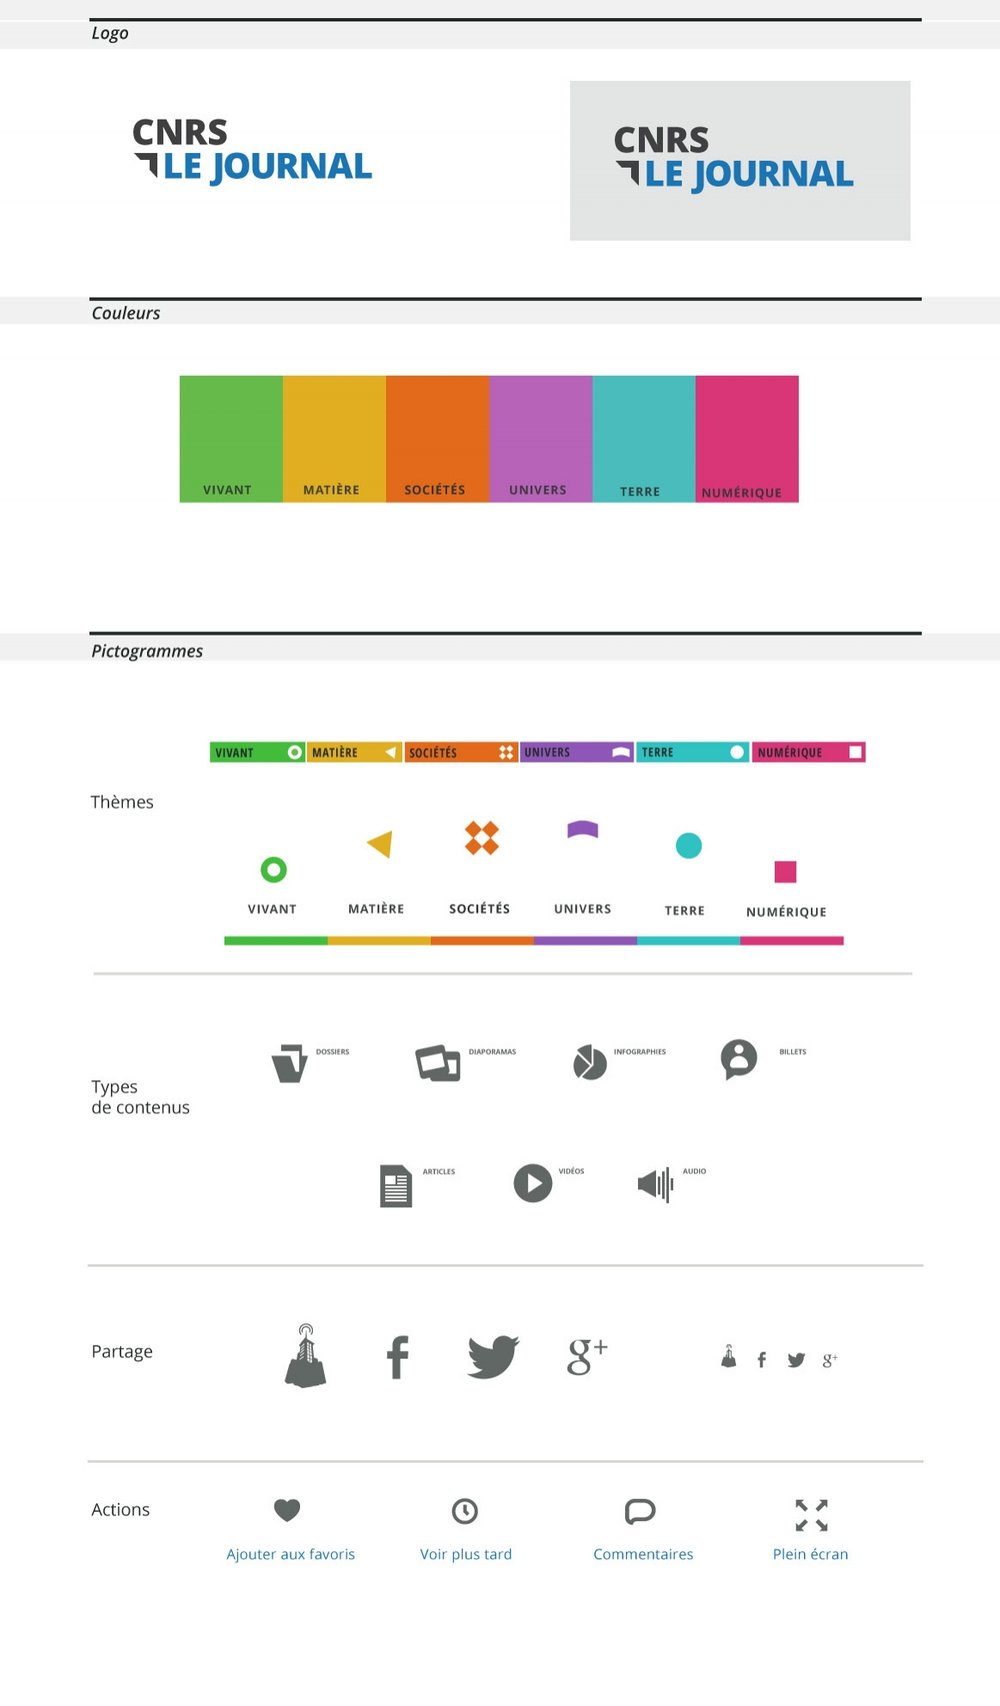 Charte crop.jpg